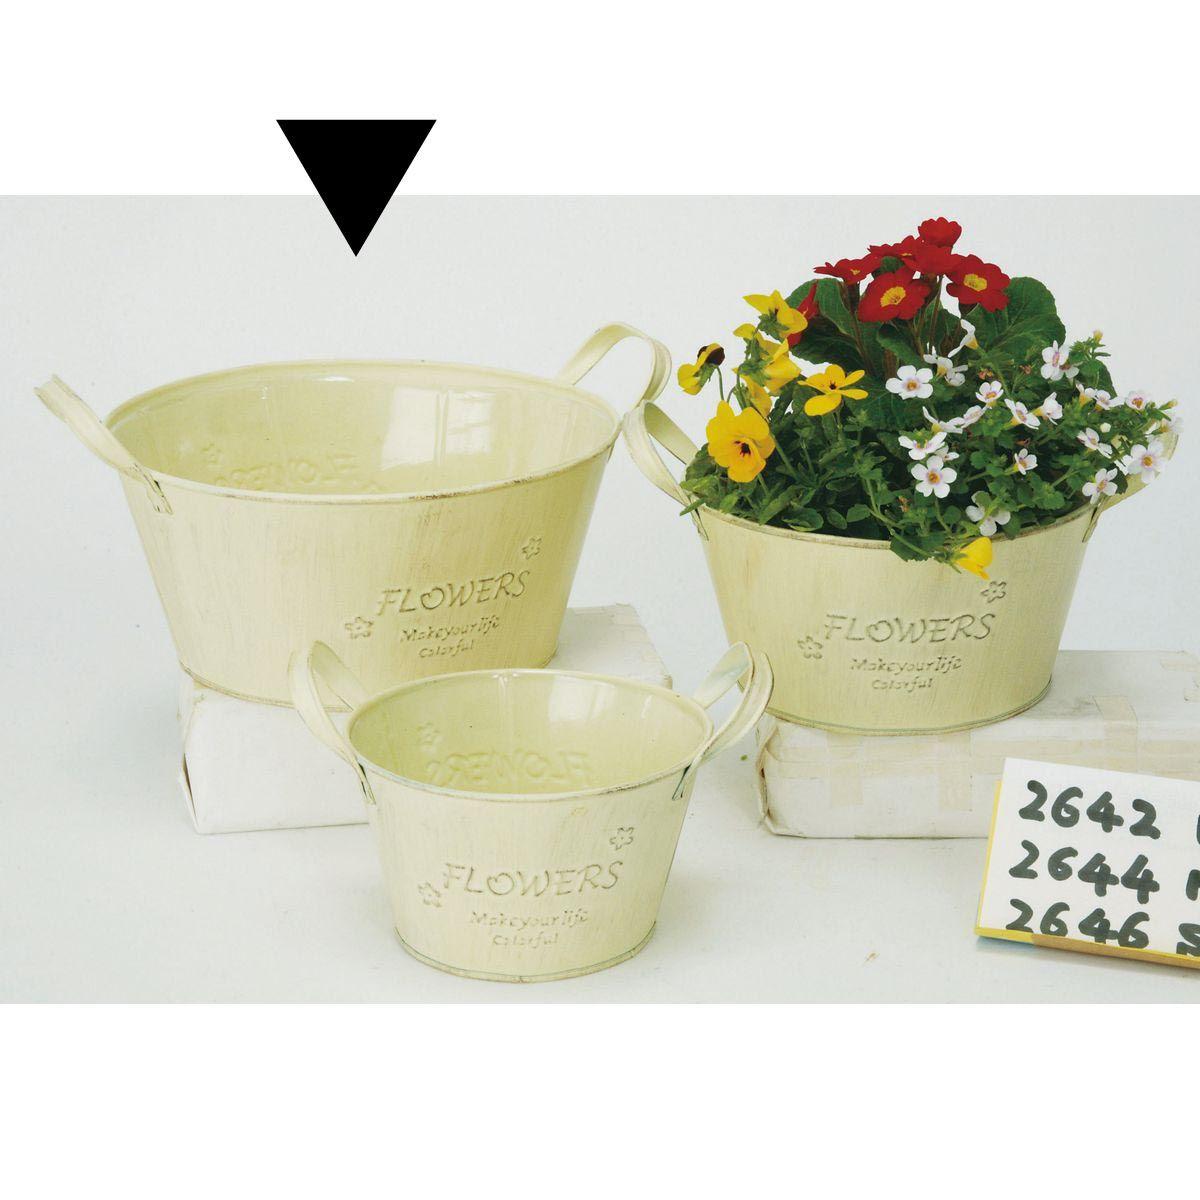 エイチツーオー/カントリーサークルトL ホワイト/H2642【01】【取寄】[12個]